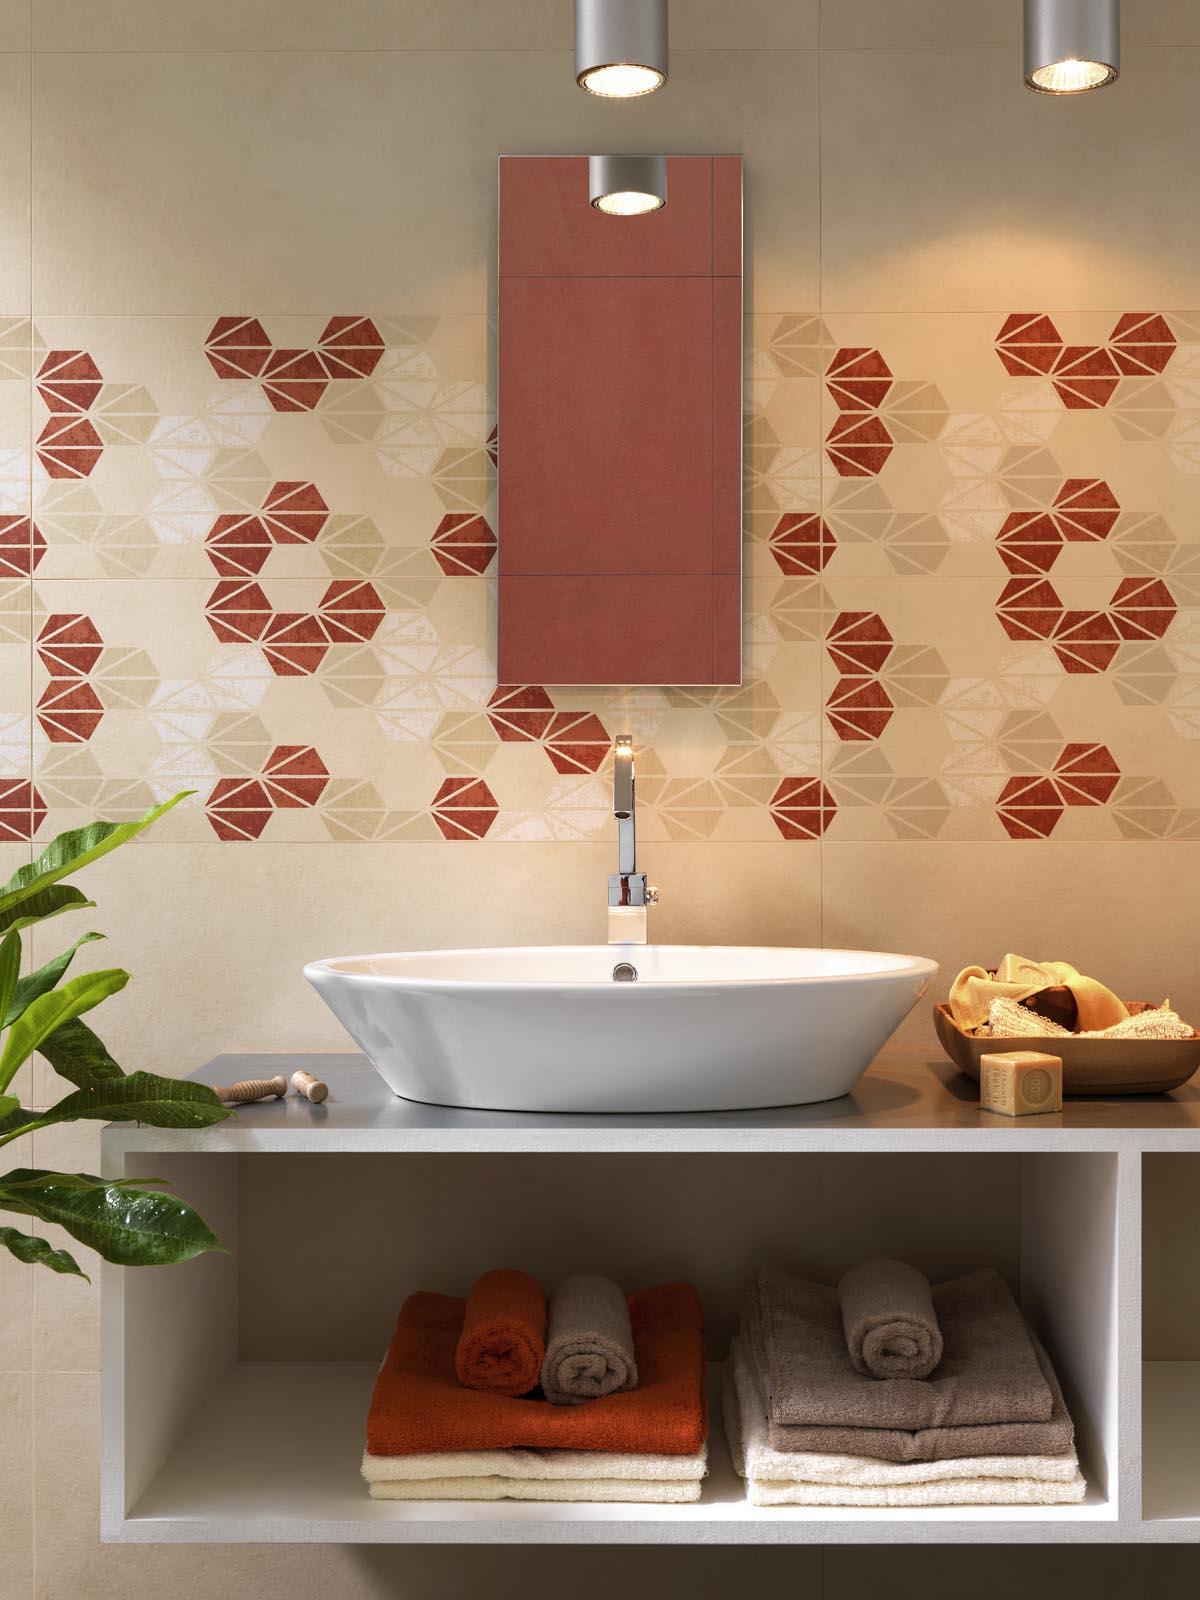 Oficina7 piastrelle rivestimento bagno marazzi - Piastrelle bagno beige ...